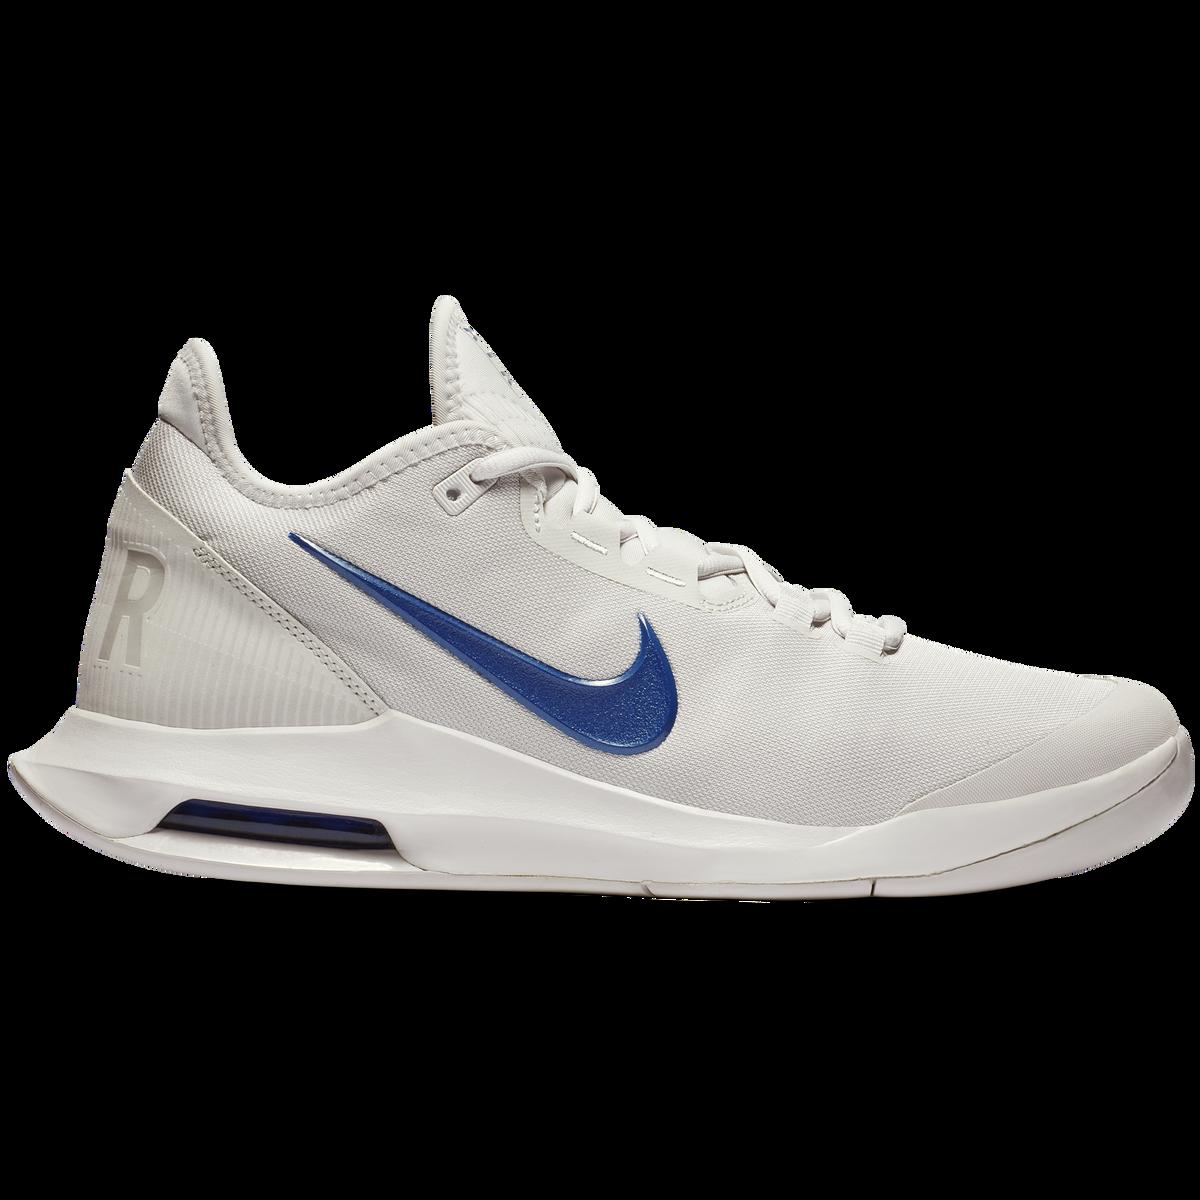 Nike Max Greyblue Men's Tour Tennis Shoe Pga Air Wildcard rn5BAxr1